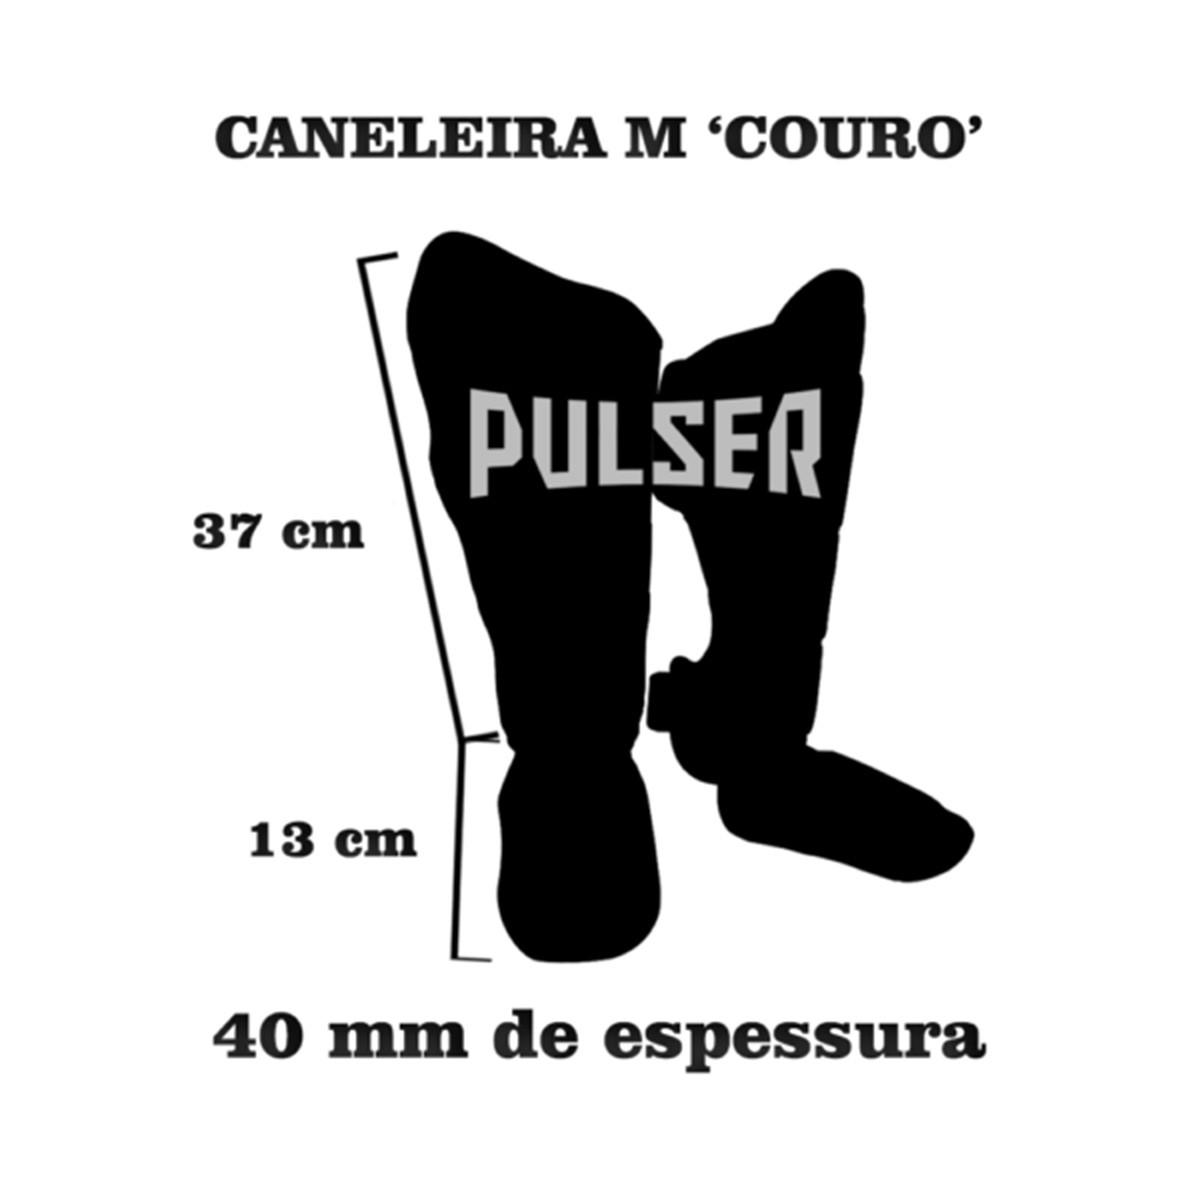 Caneleira Muay Thai MMA Preto Média 40mm COURO - Pulser  - PRALUTA SHOP